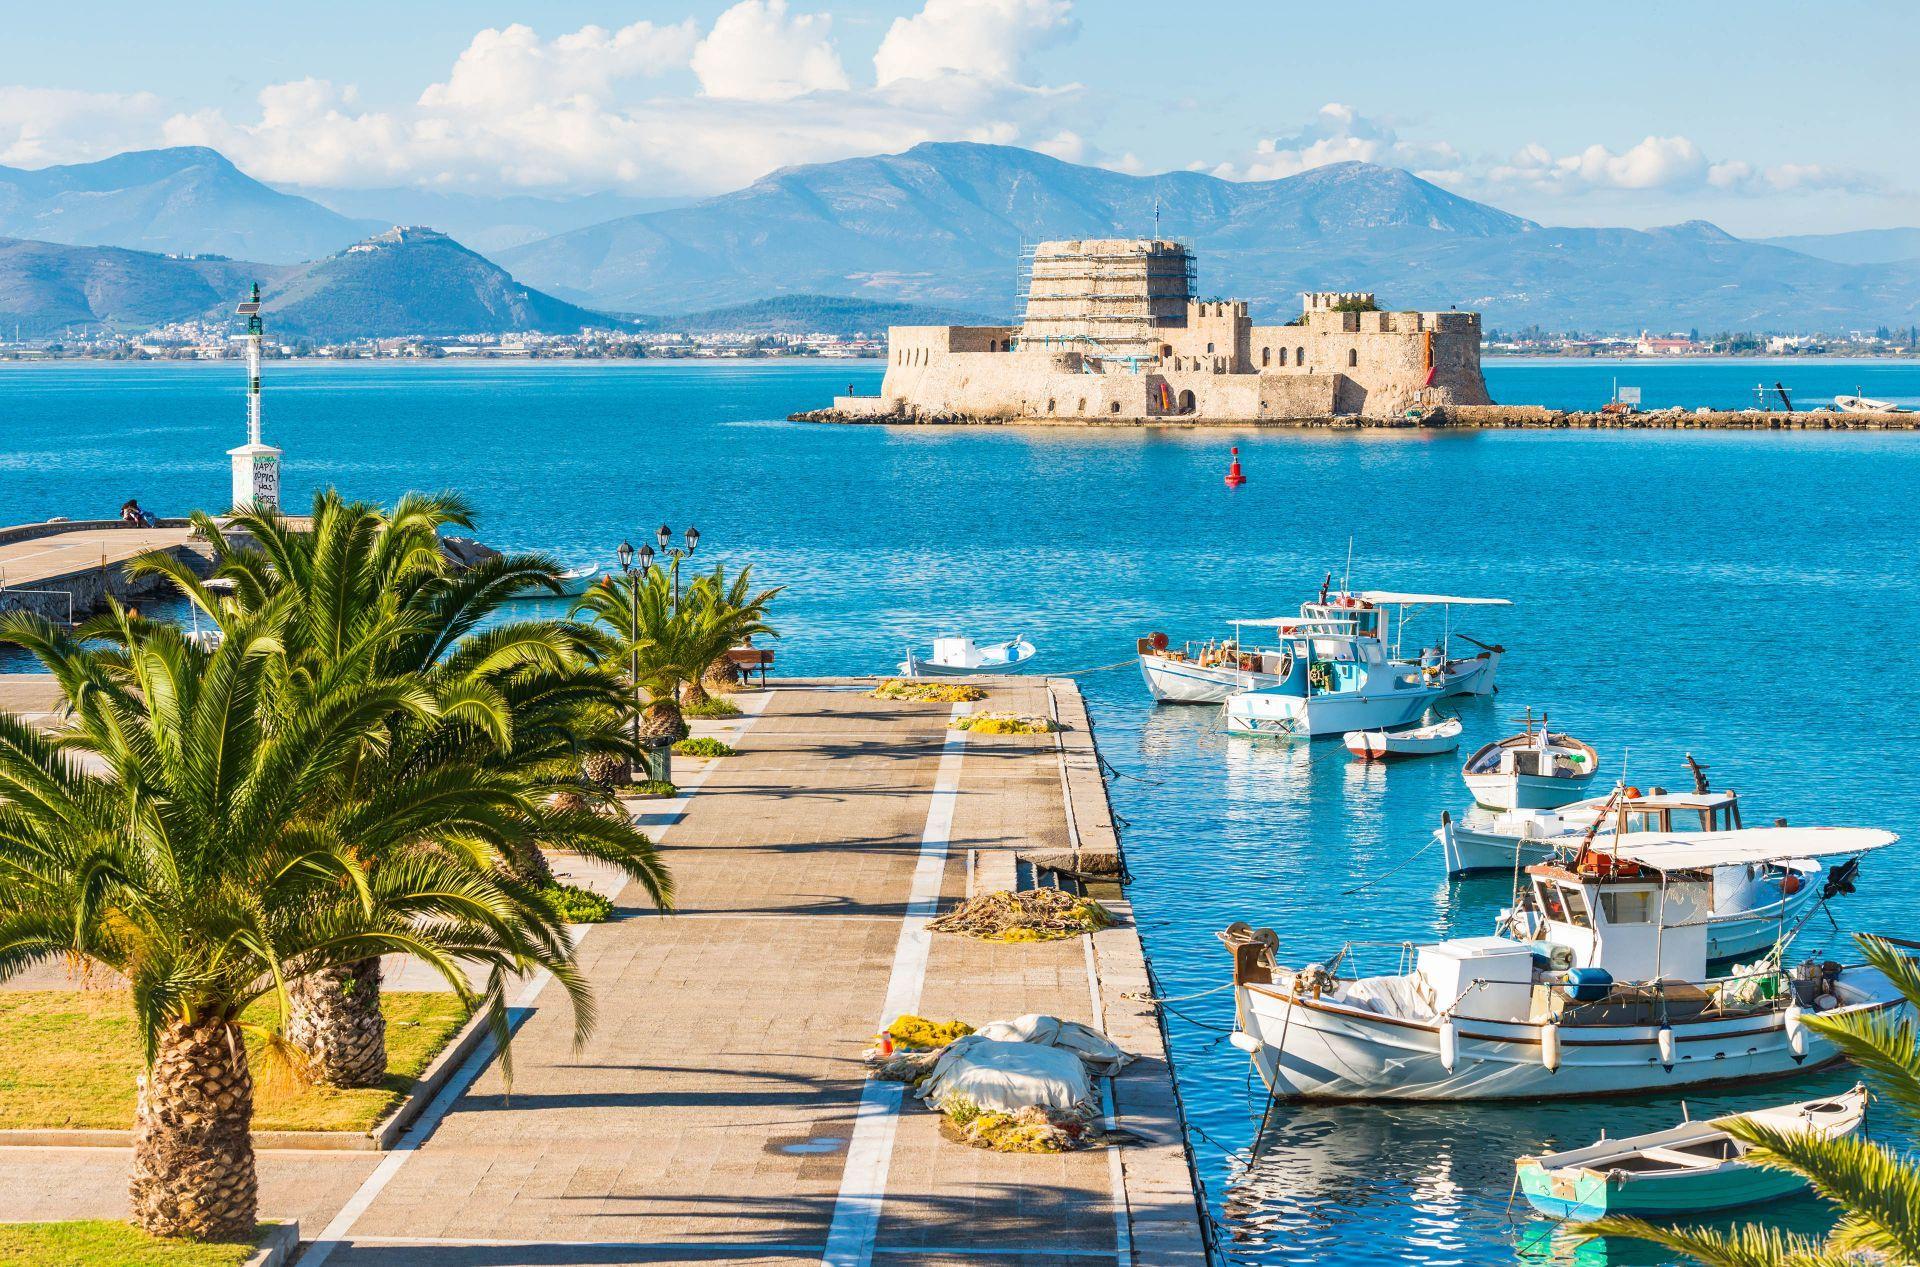 nafplion Destinasi Travel Wisata Favorit Yunani 1